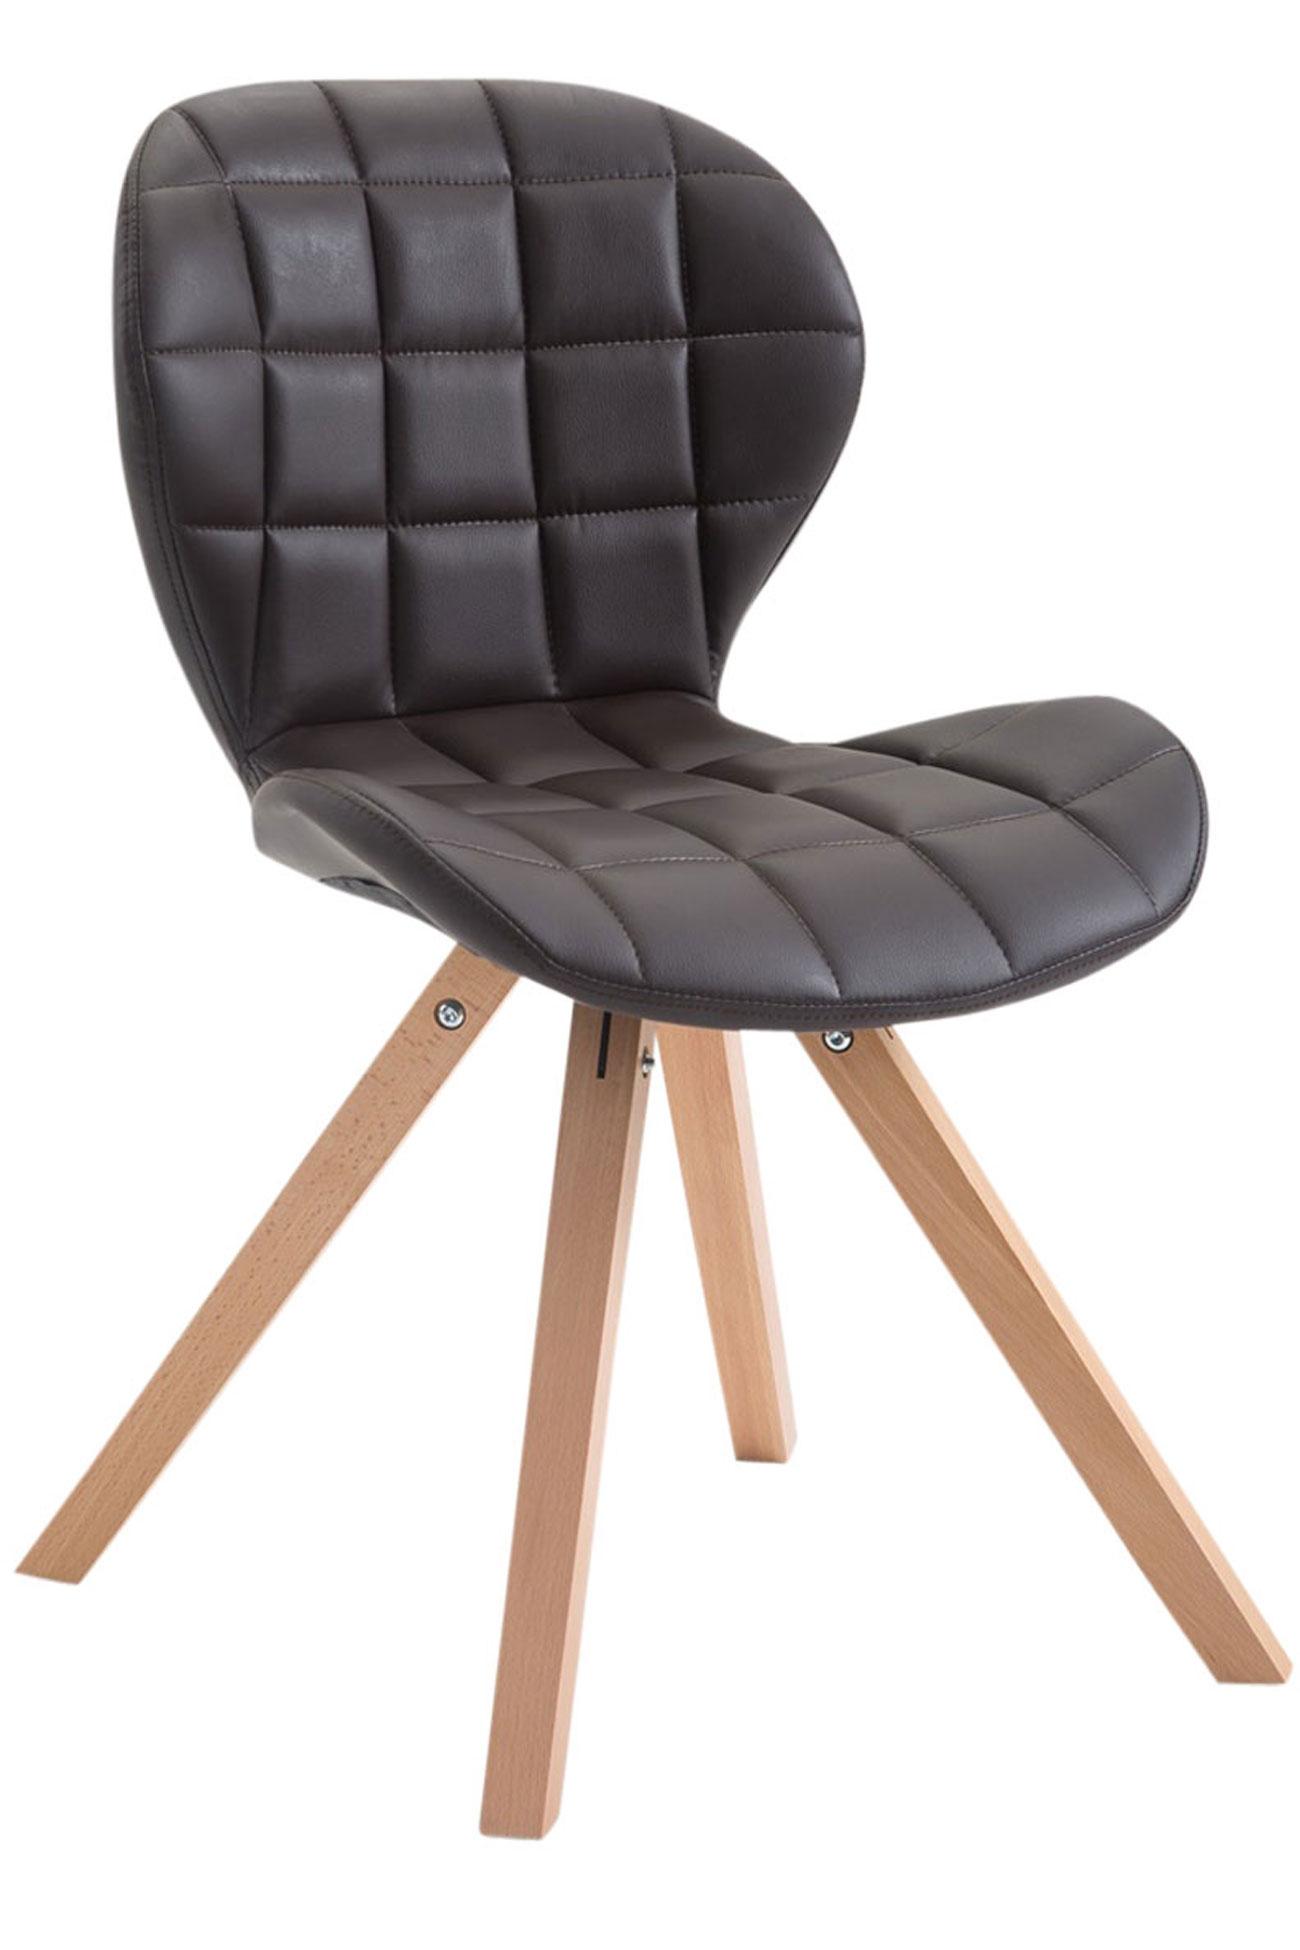 Besucherstuhl Alyssa Kunstleder Square-dunkelbraun-Natura (Eiche) | Büro > Bürostühle und Sessel  > Besucherstühle | Timwood Experience